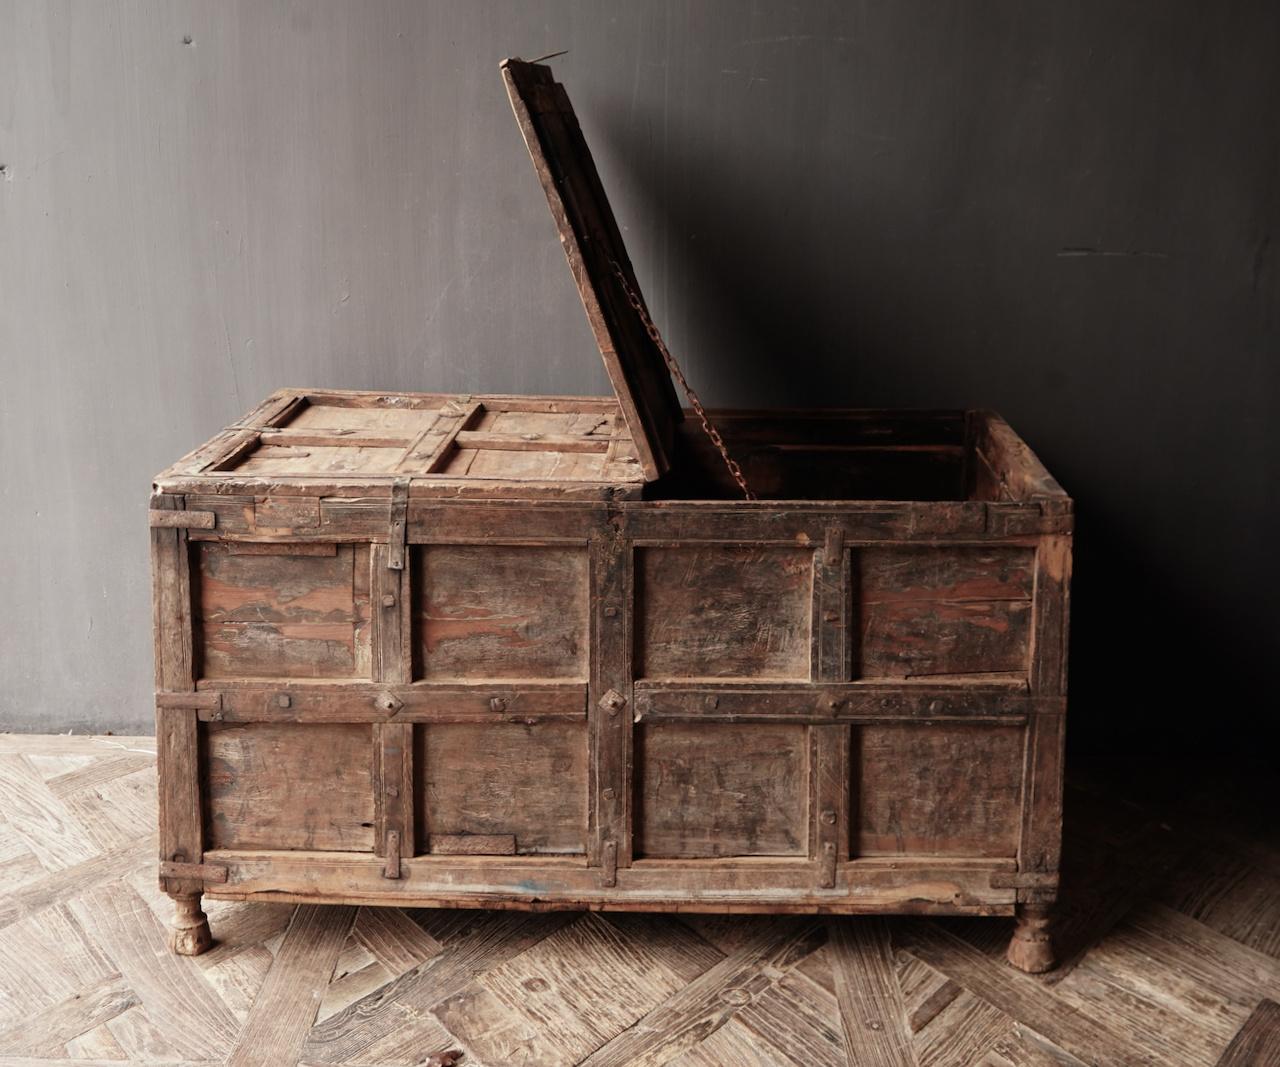 Alte authentische Holzkiste-2